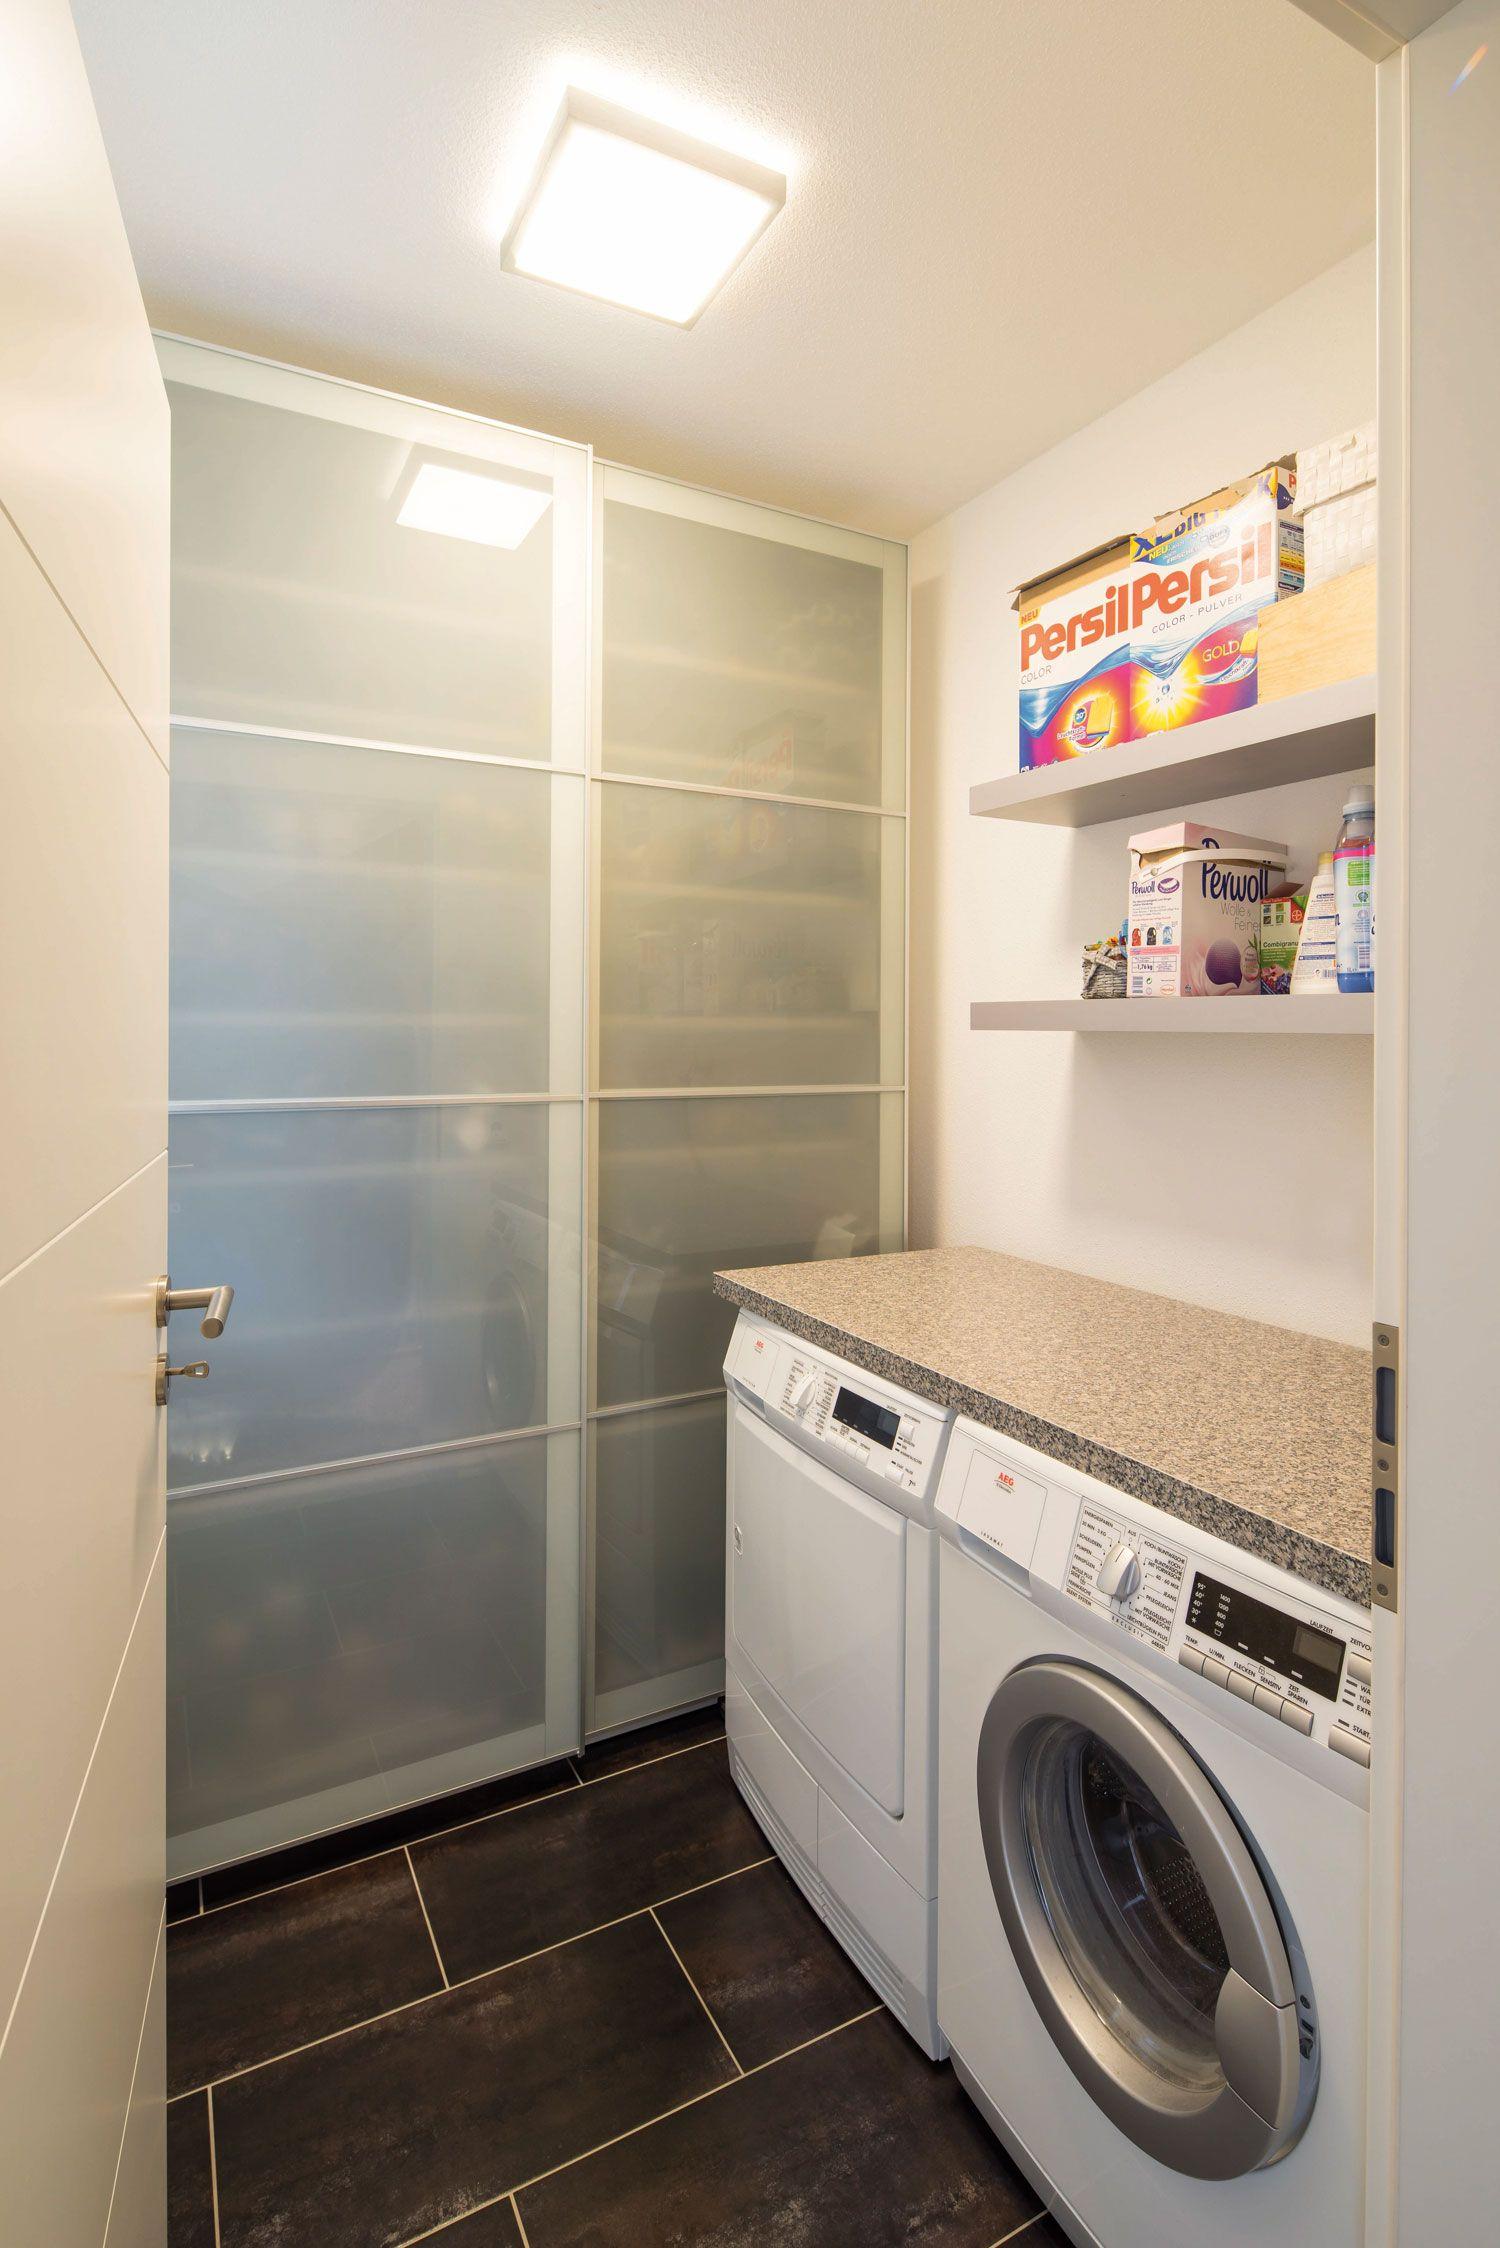 Abstellkammer und Waschraum mit Waschmaschine